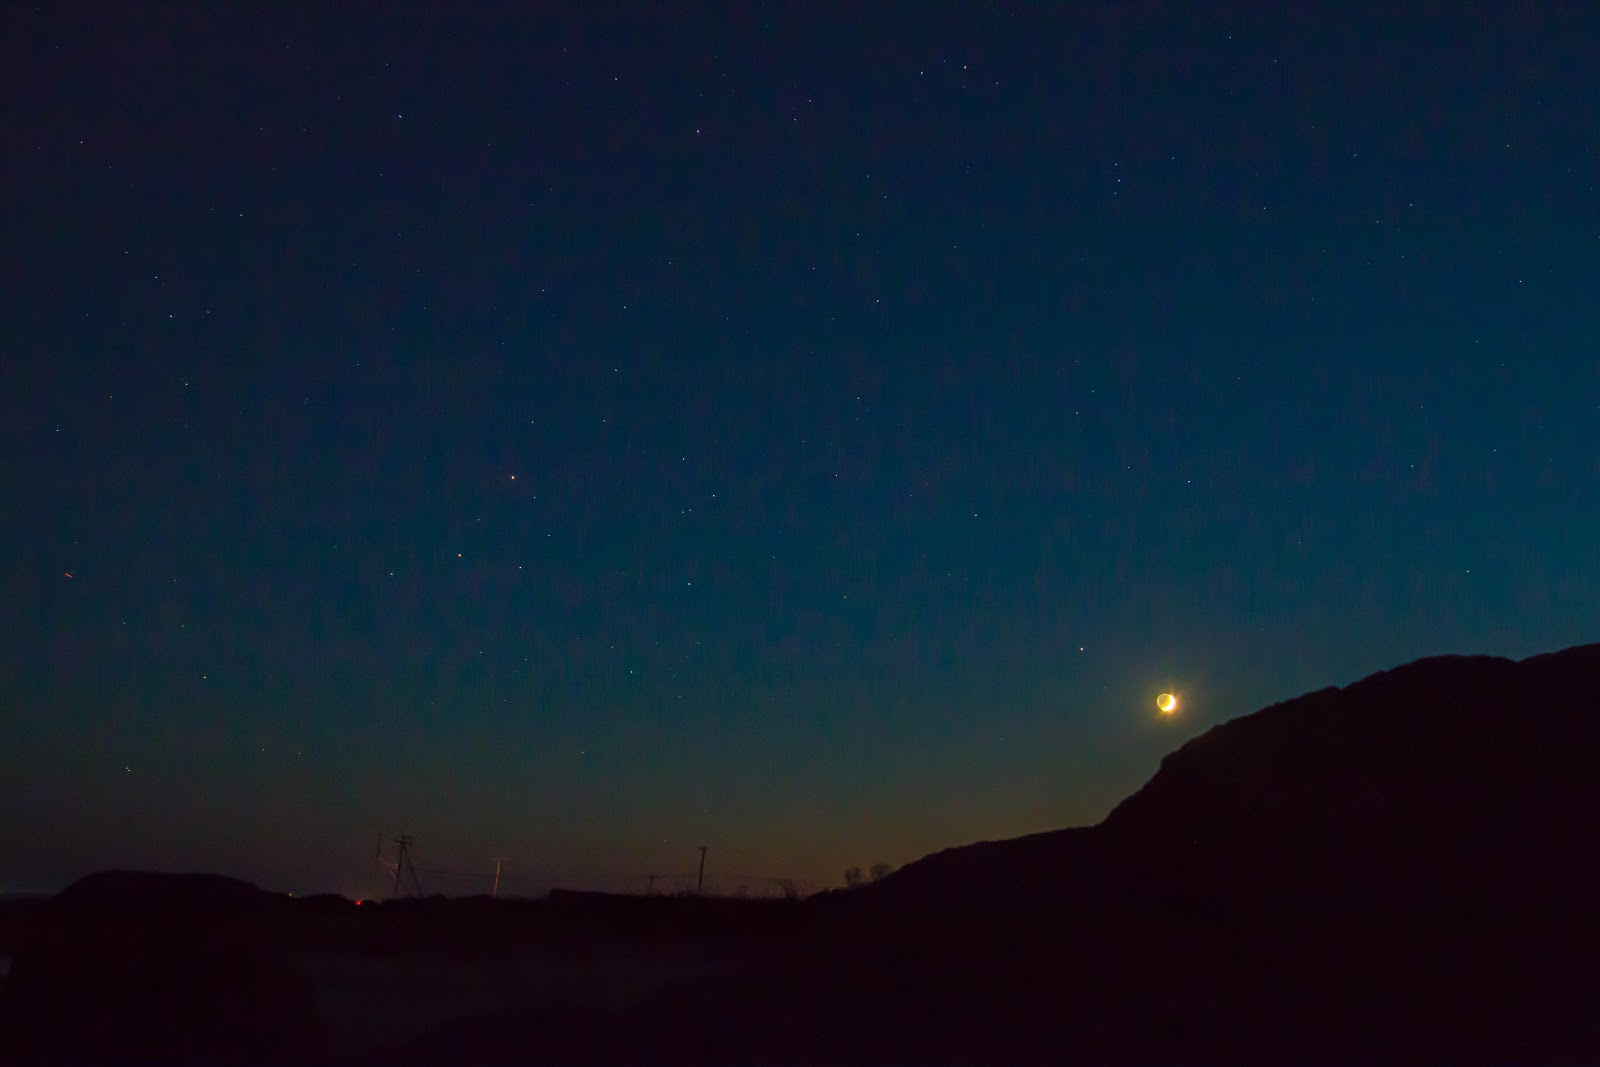 Trăng non đầu tháng cùng hành tinh Hỏa và sao Antares tỏa sáng trên bầu trời bãi biển Allens Pond, thị trấn Dartmouth, bang Massachusetts, nước Hoa Kỳ vào chiều ngày 27/9/2014 vừa qua. Tác giả : Greg Stone.